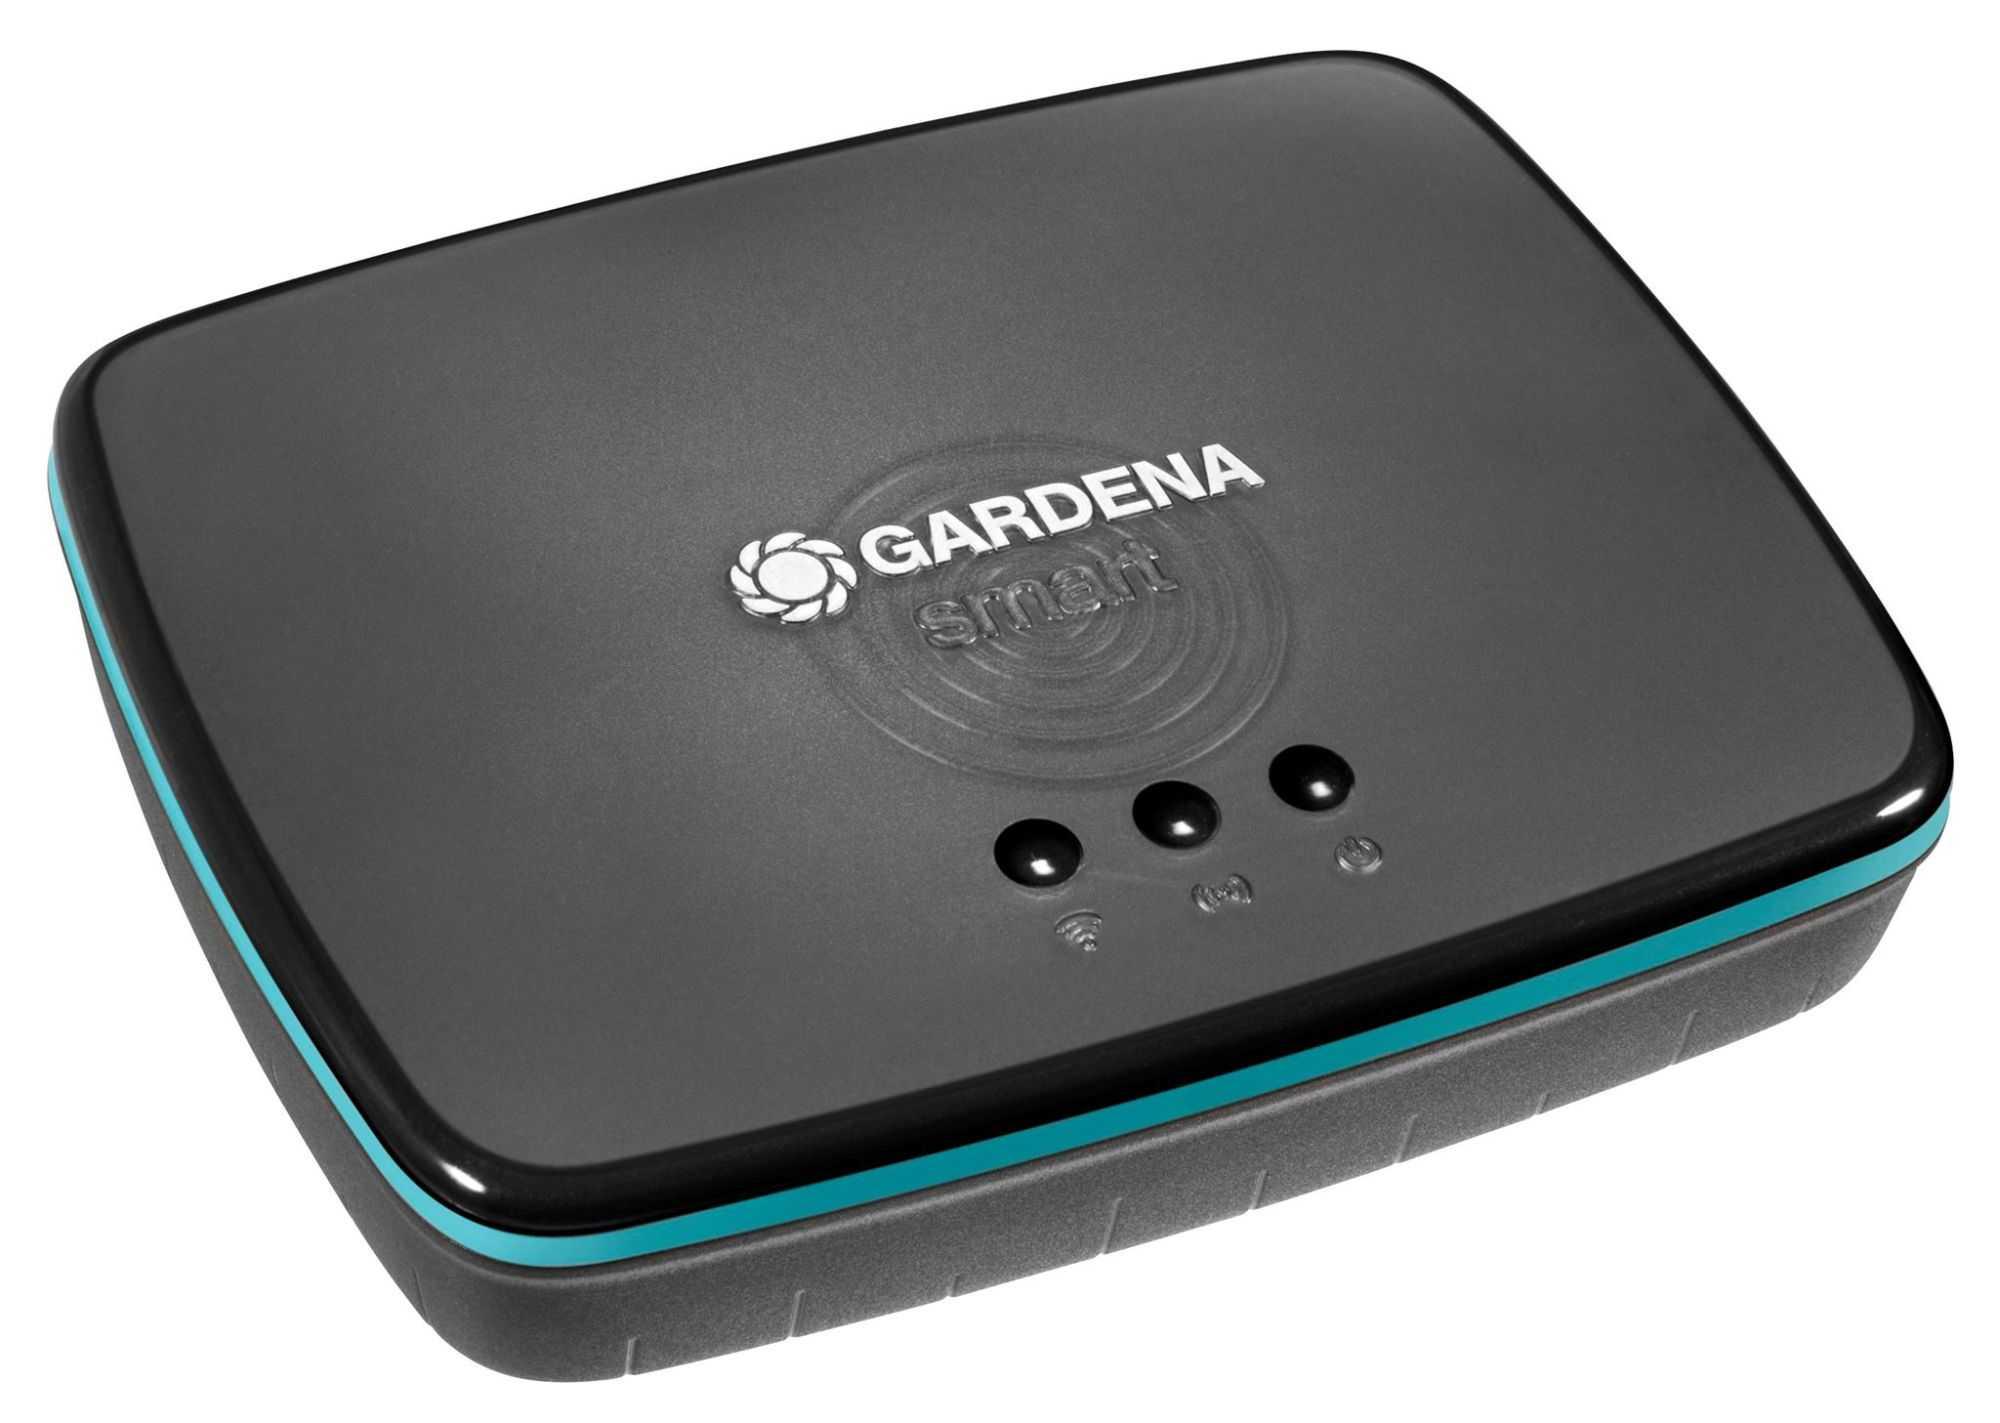 Die Verbindung zwischen dem Gateway und den Komponenten läuft über 868-MHz-Funk, die Reichweite beträgt laut Hersteller mindestens 100 Meter.